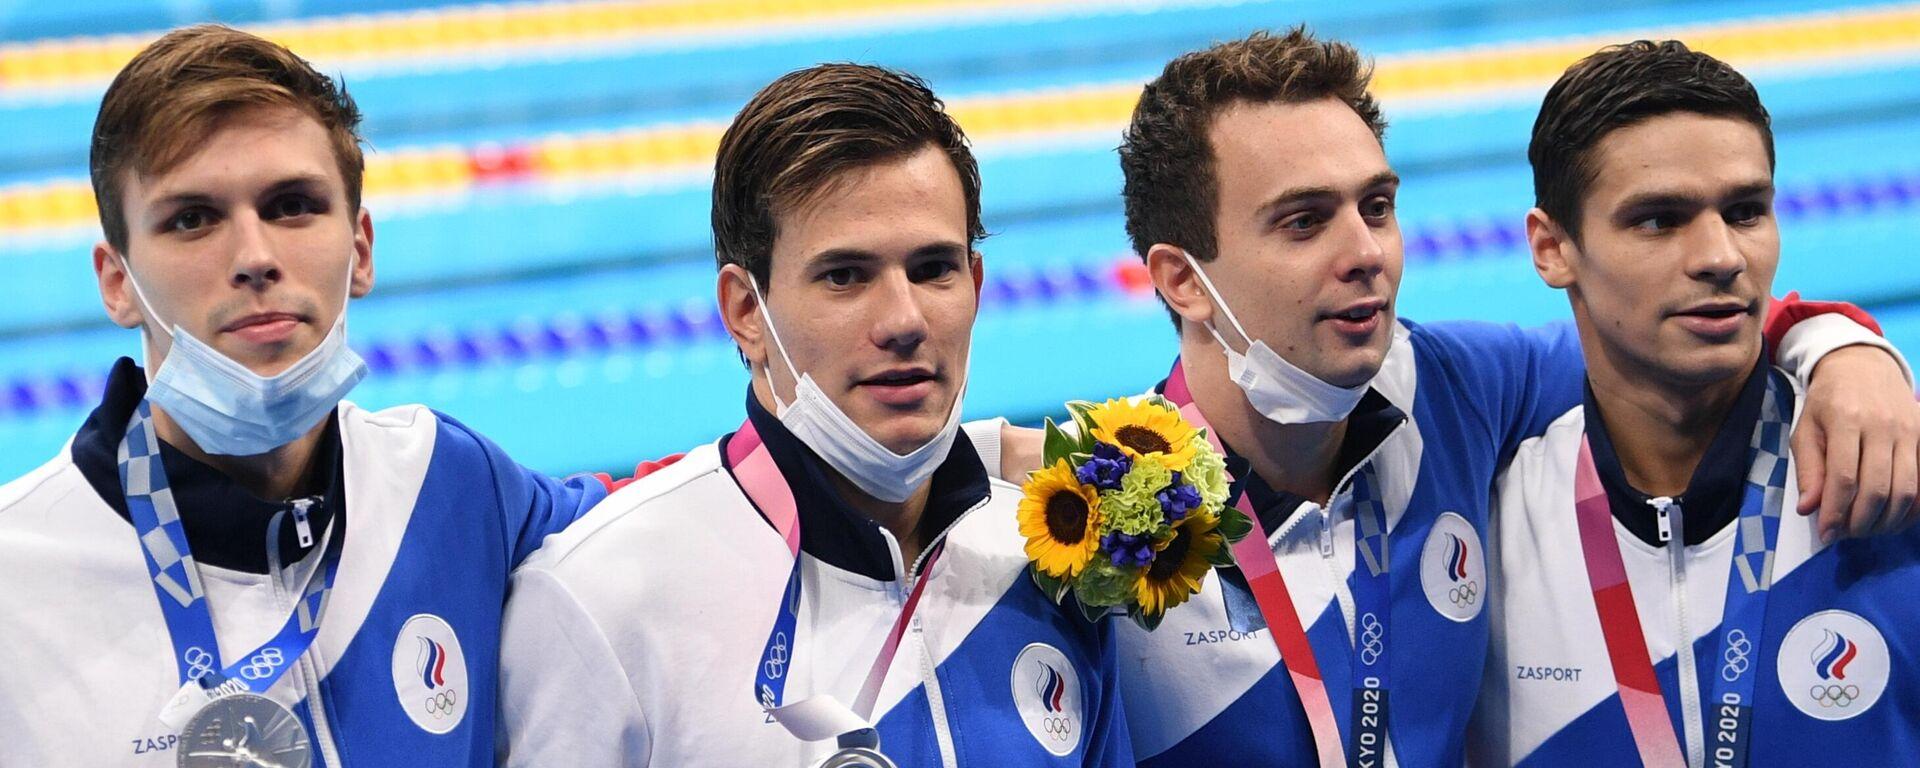 Российские участники мужской эстафеты 4х200 метров вольным стилем на Олимпиаде-2020 - Sputnik Латвия, 1920, 27.08.2021